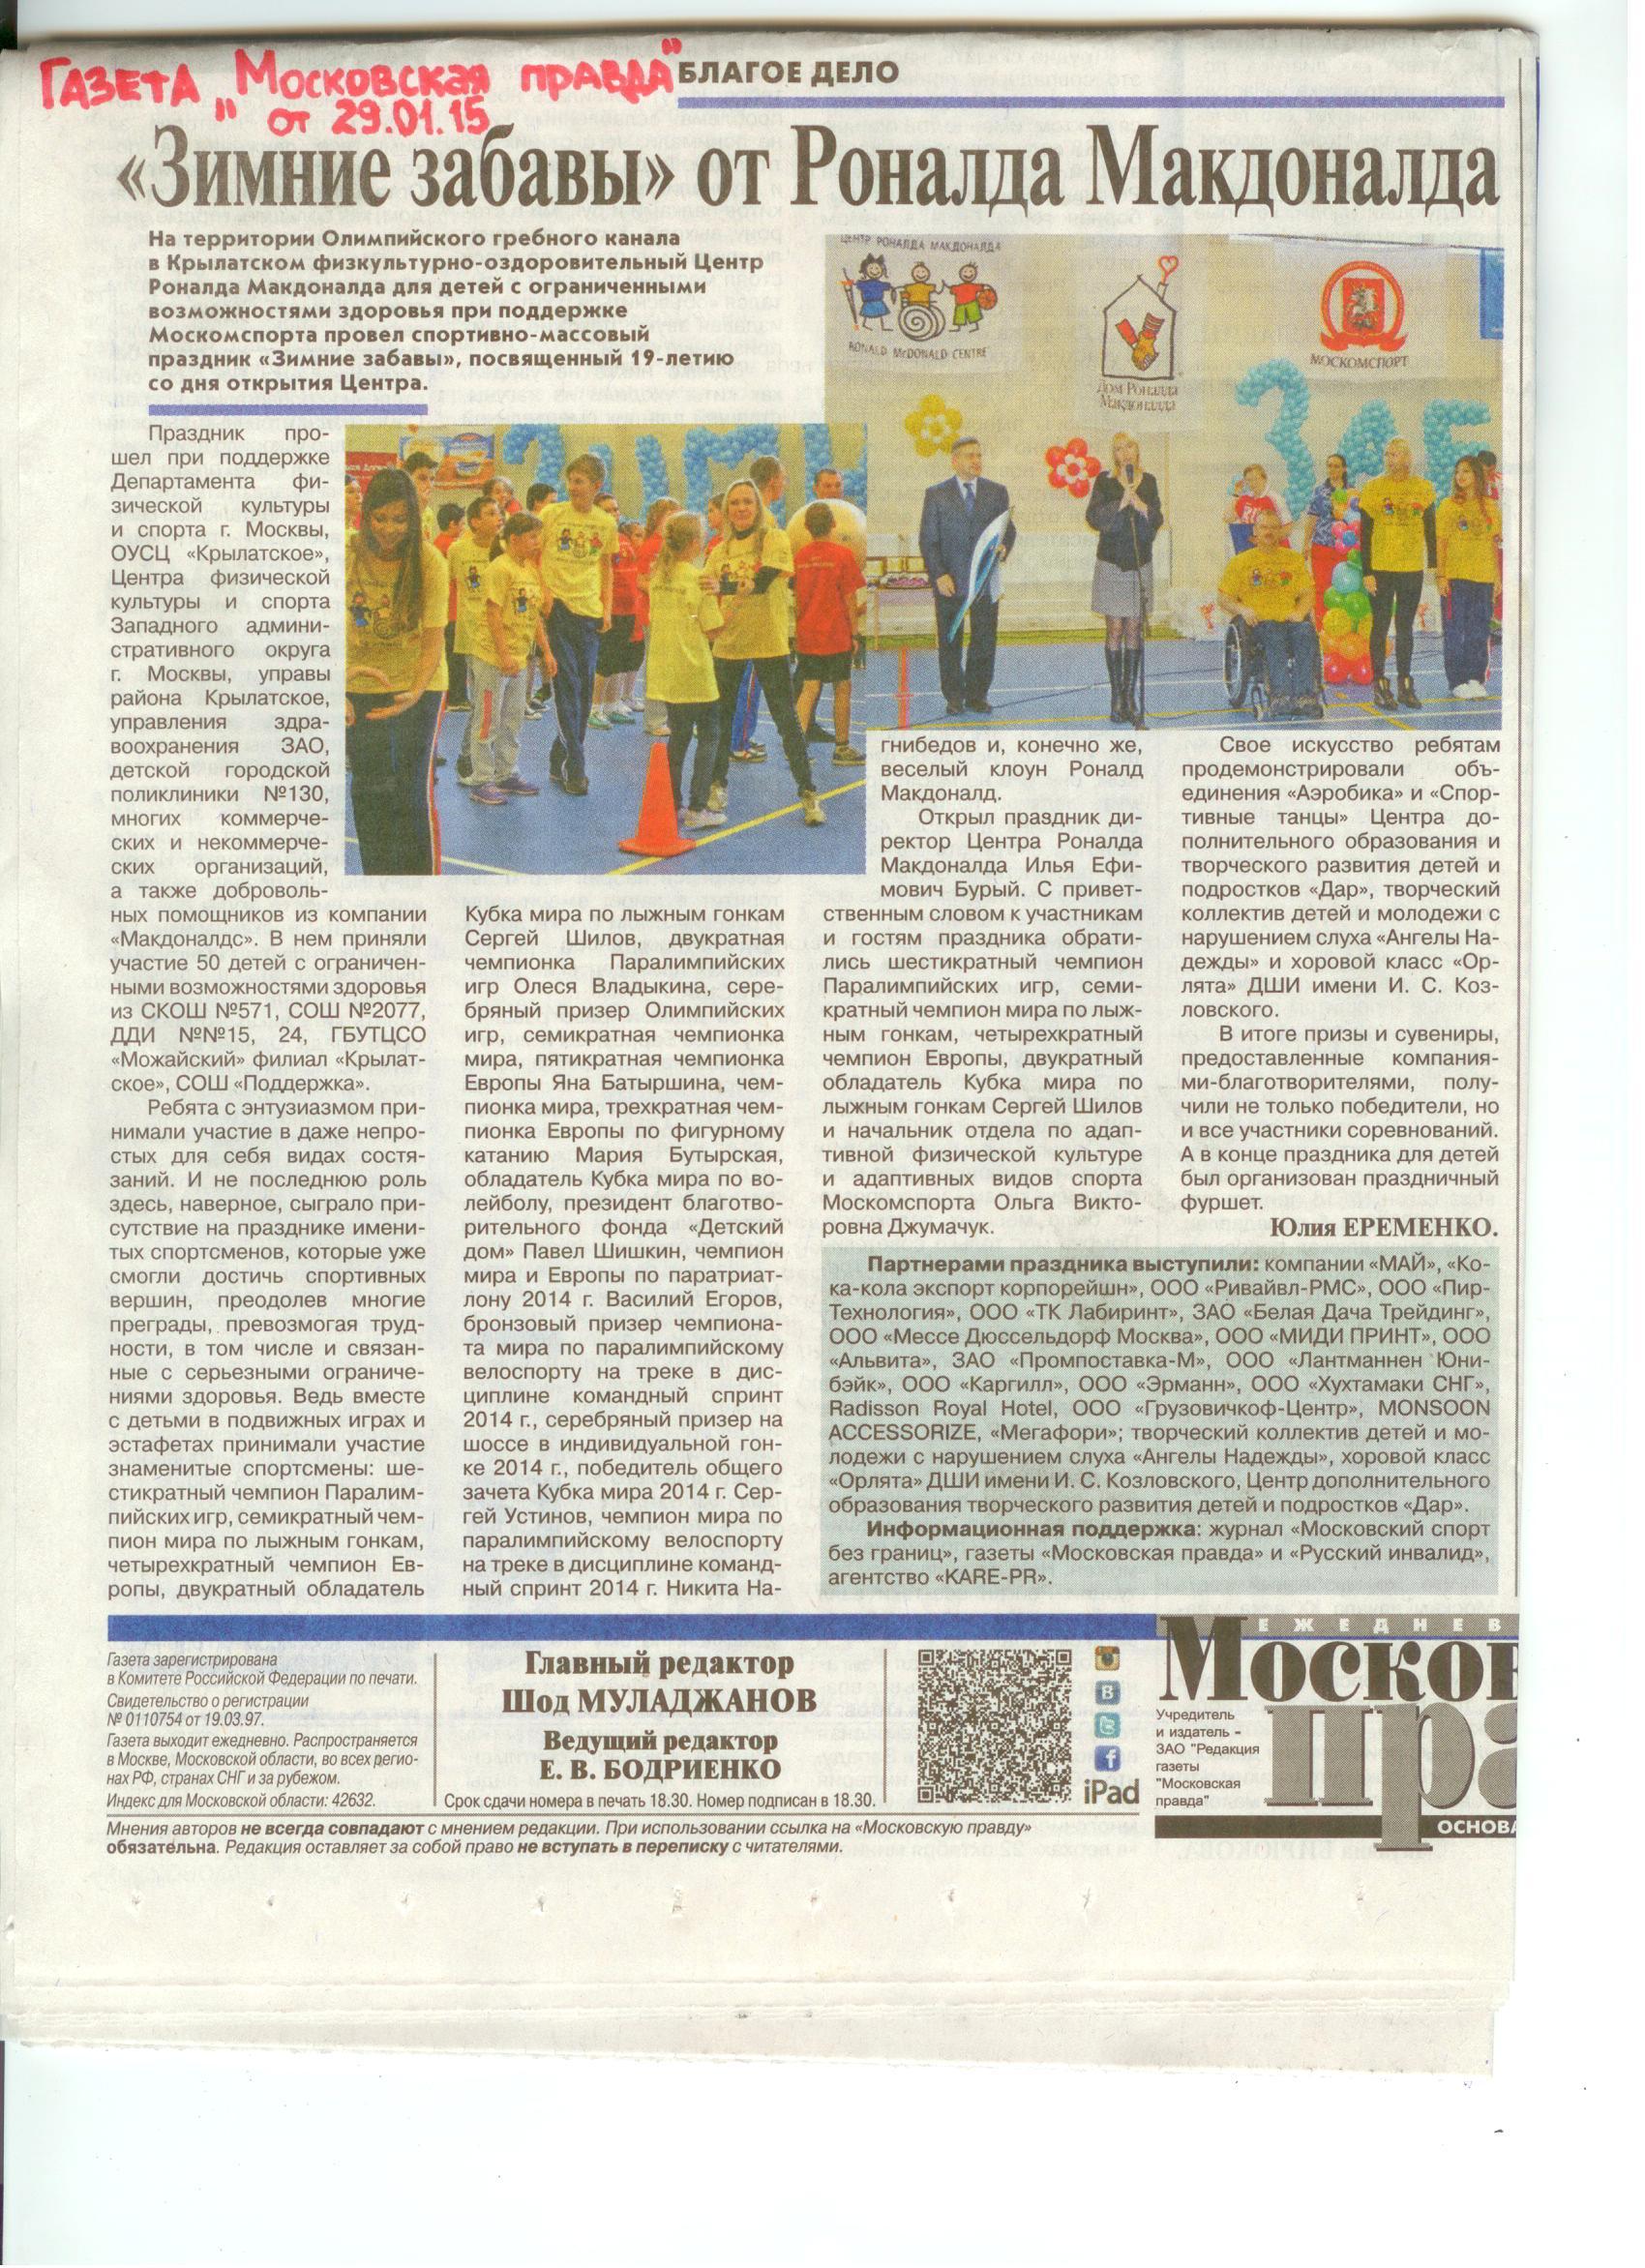 Газета Московская правда от 29.01.15.jpg